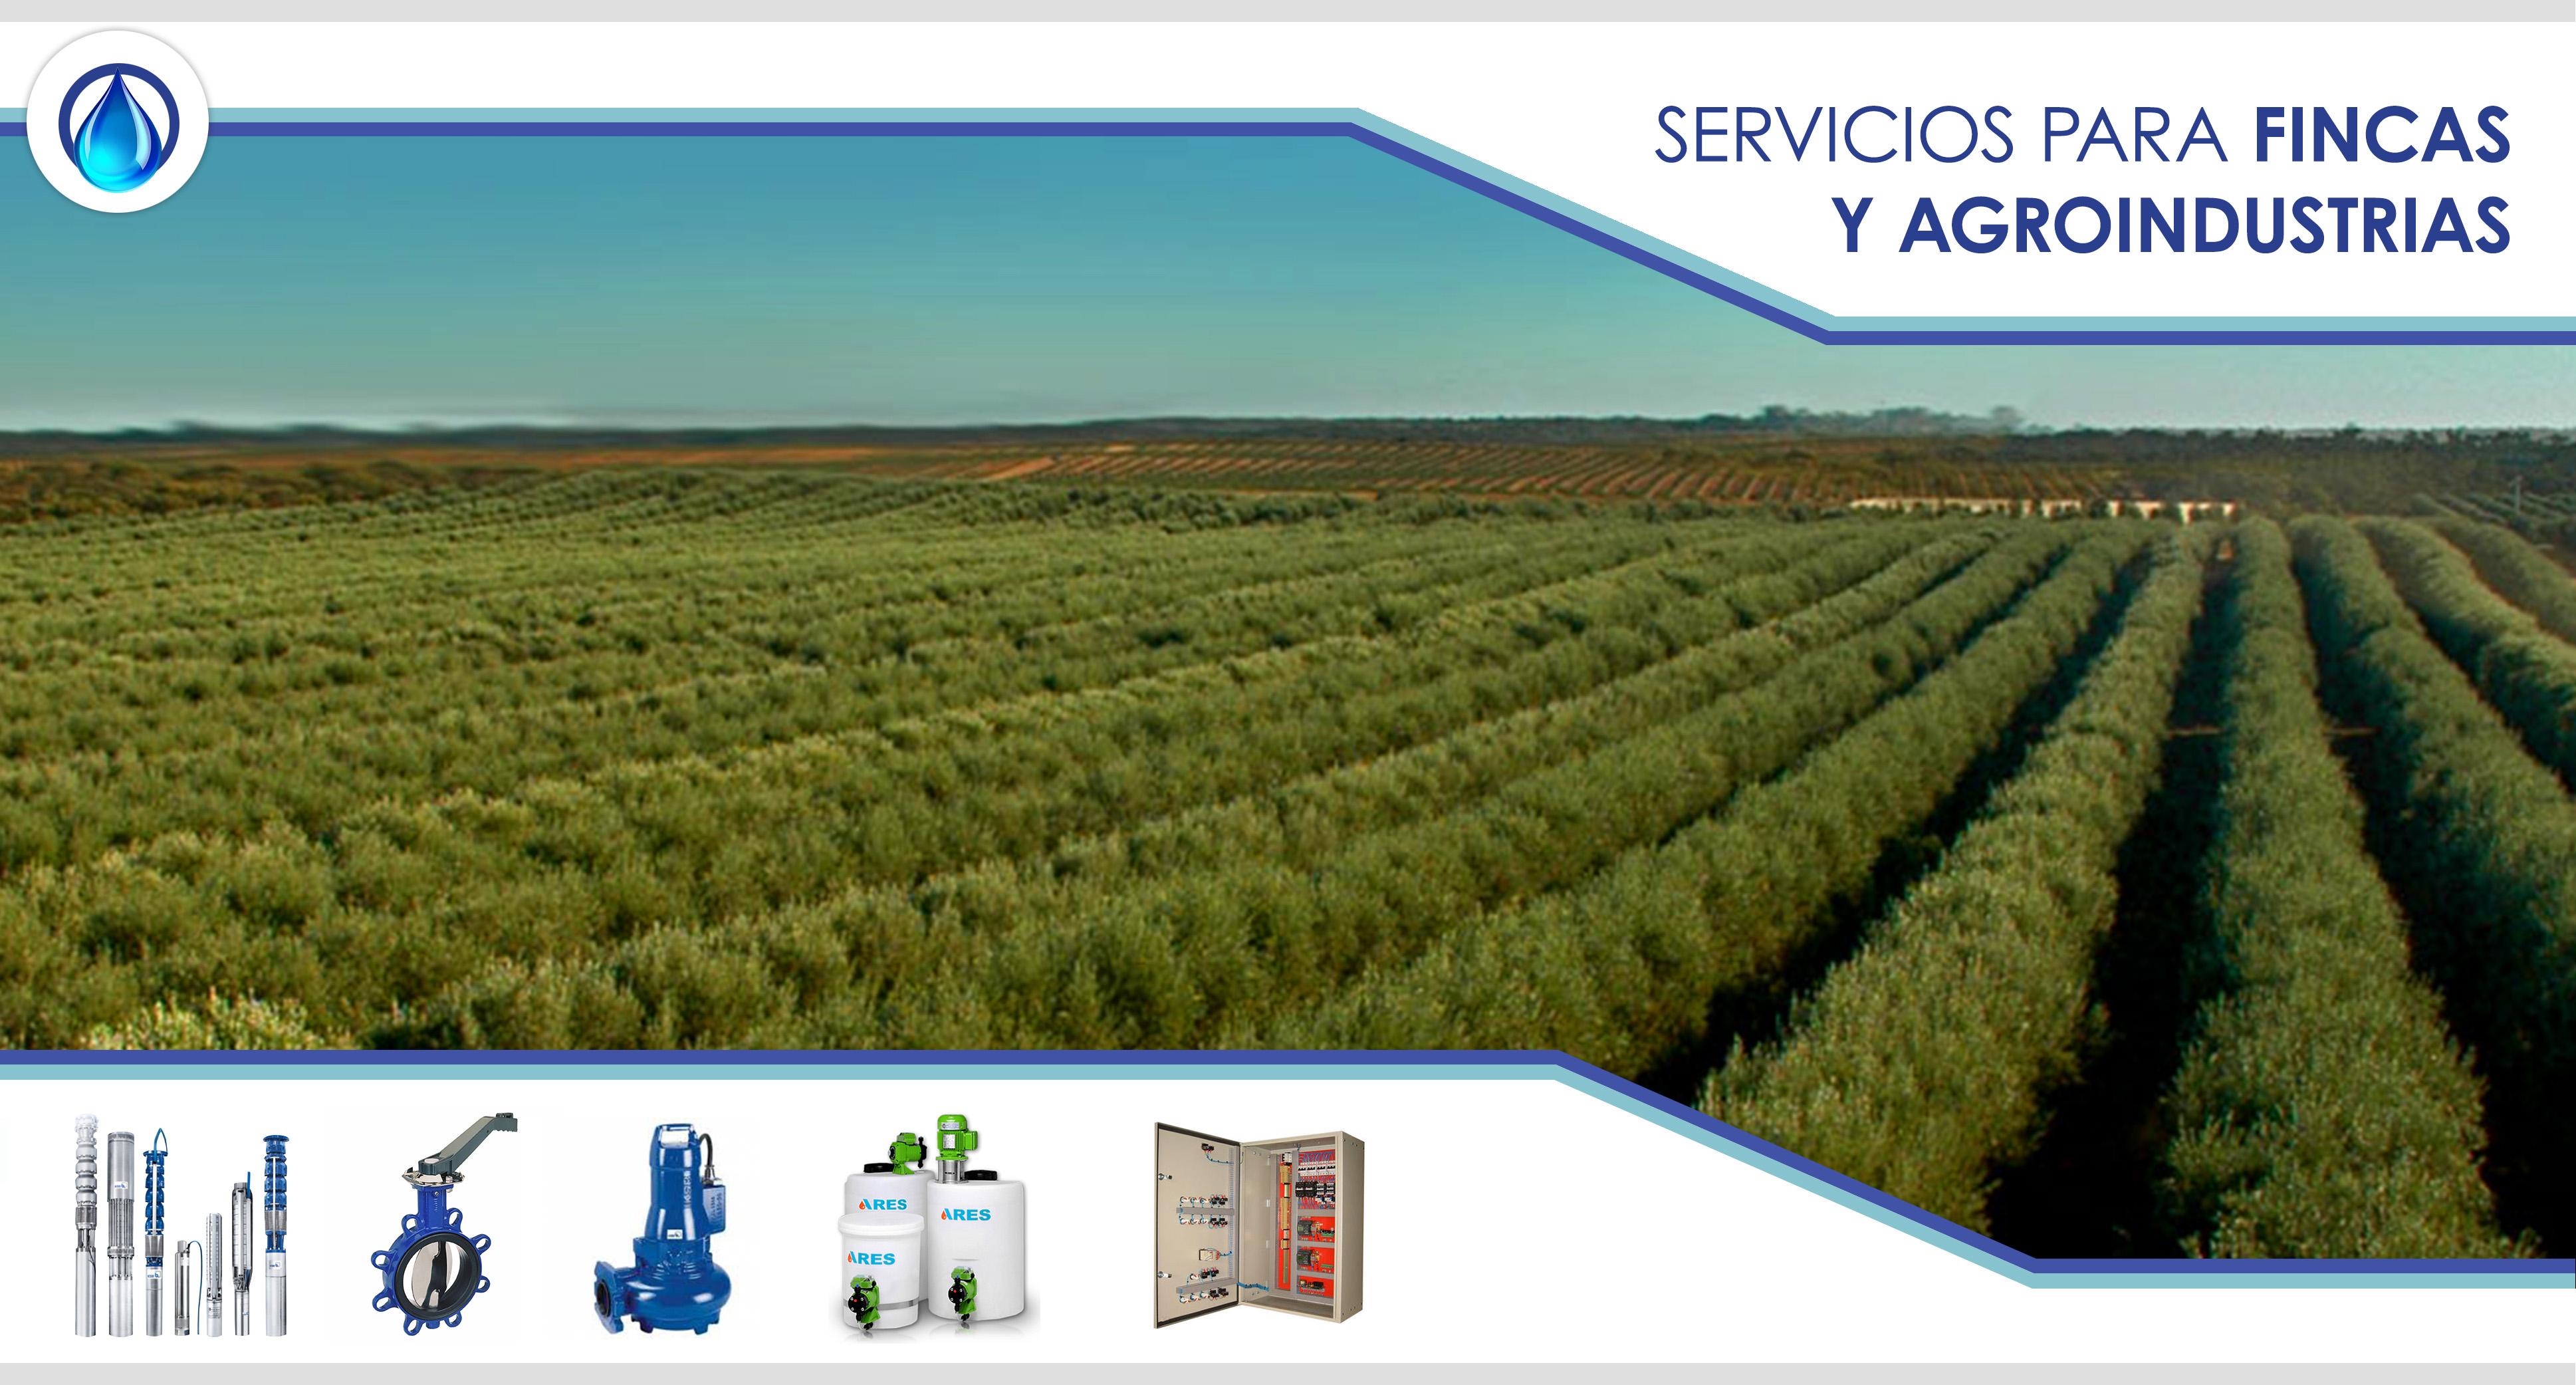 Servicios para Fincas y Agroindustrias